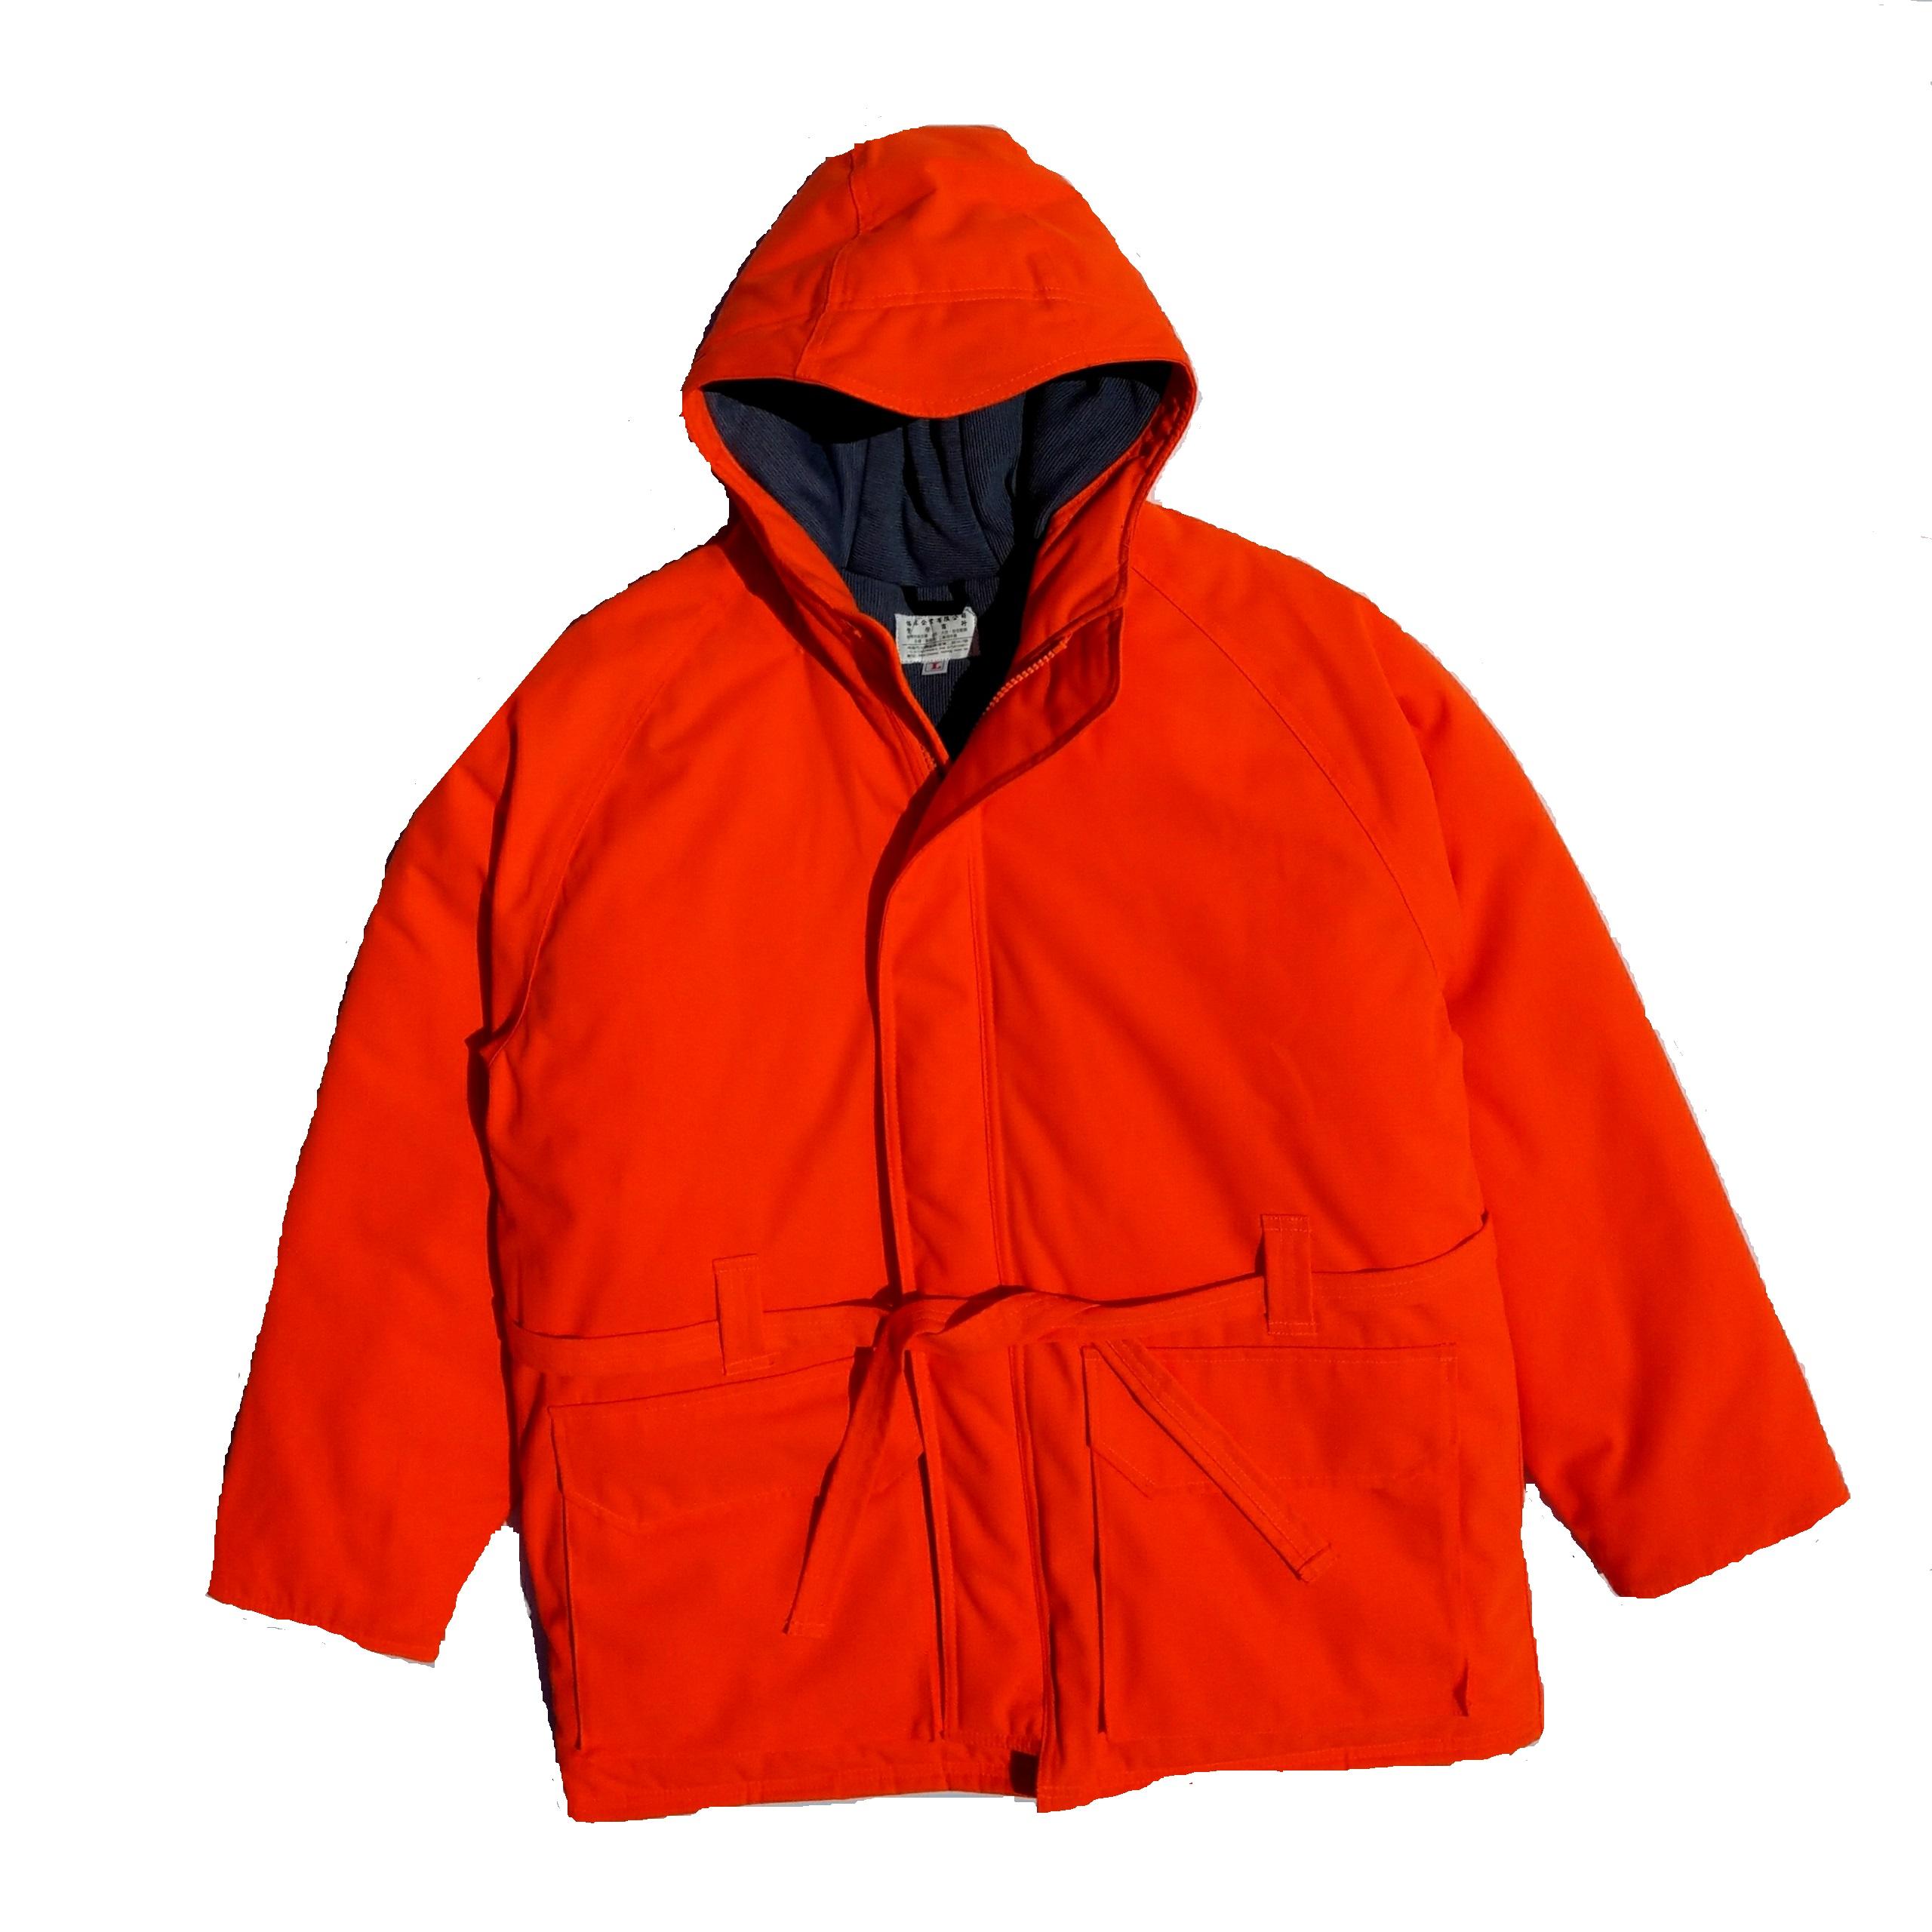 超低溫橘色冷凍衣.jpg